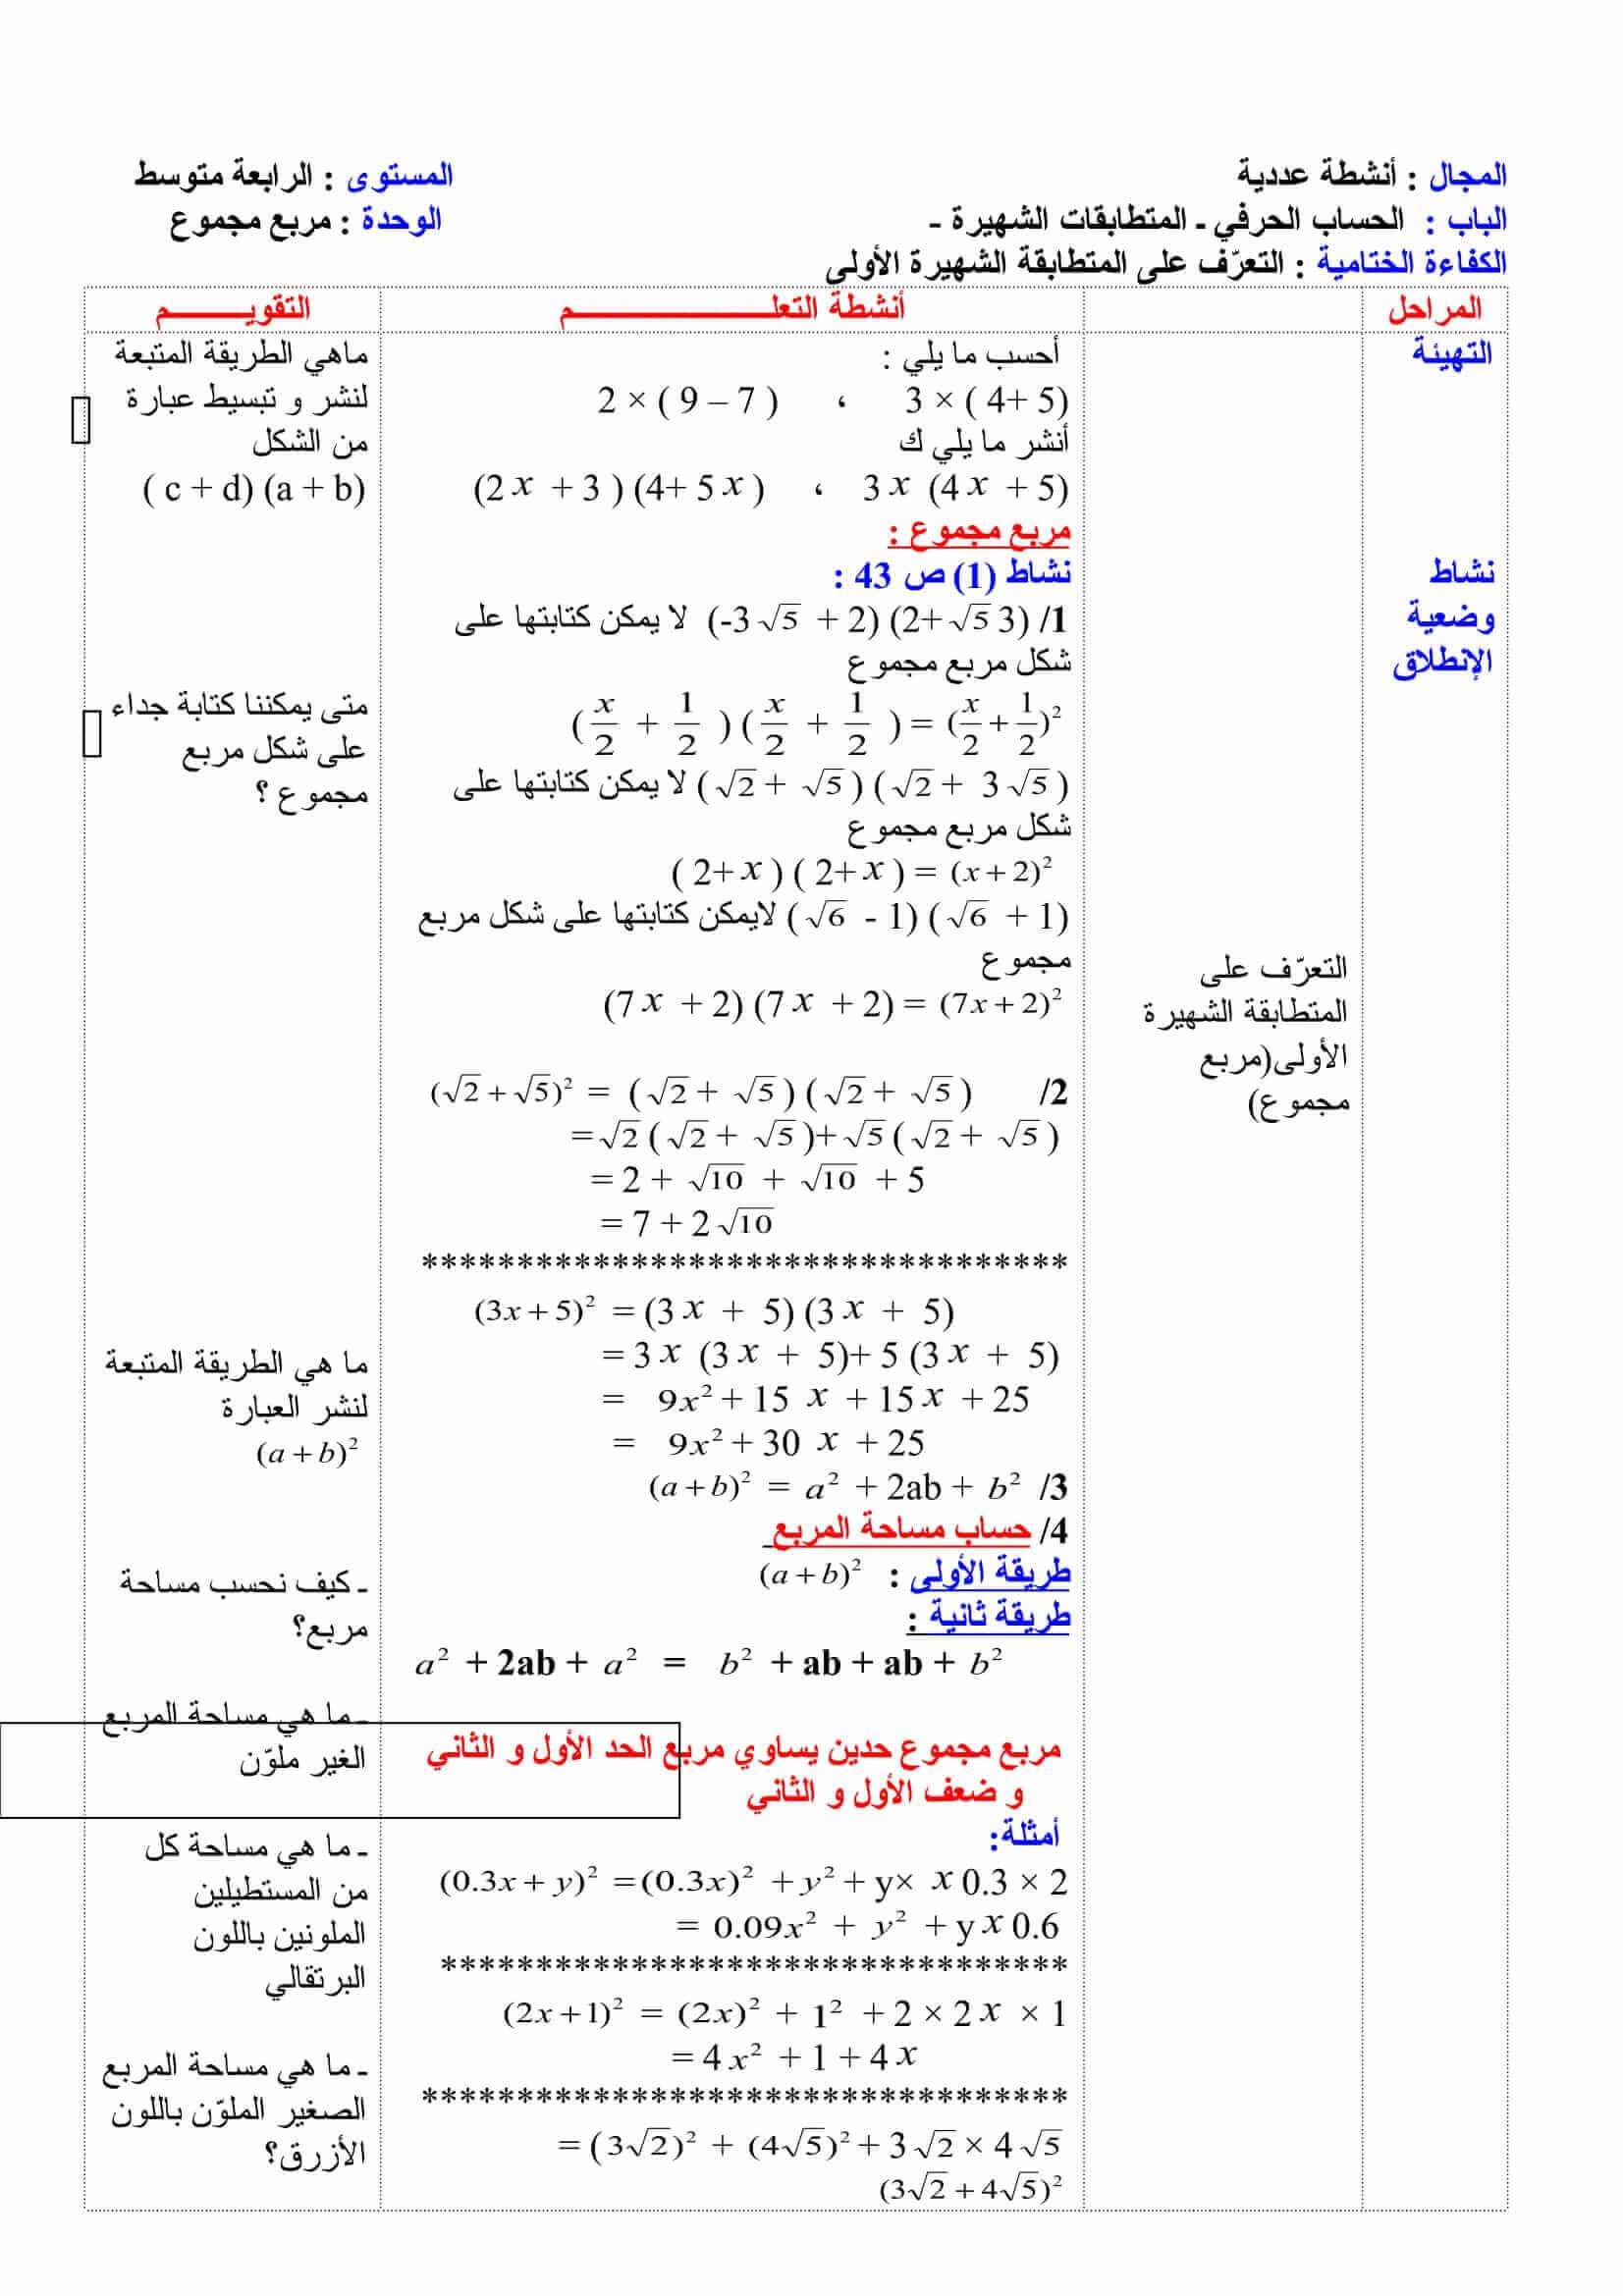 الكتاب المدرسي رياضيات 4 متوسط